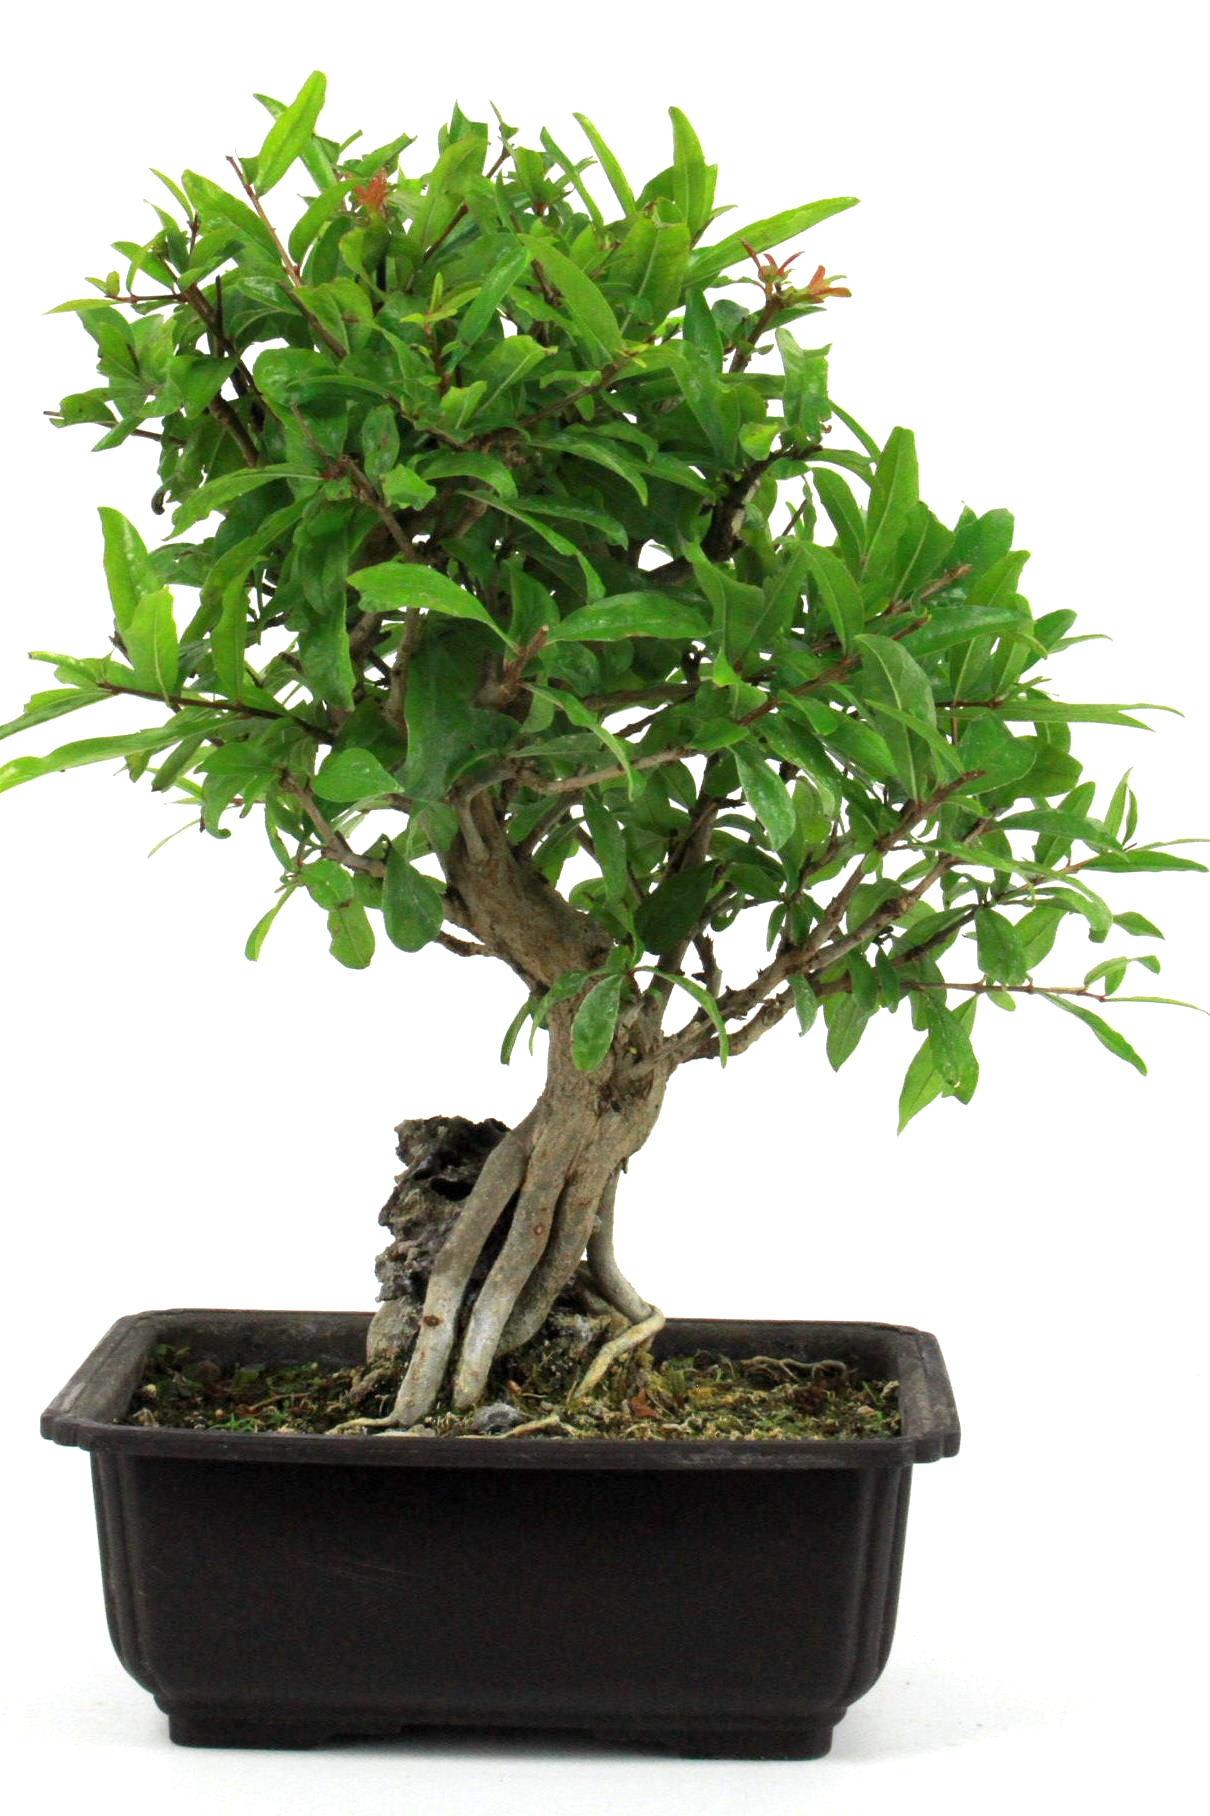 granatapfel ber stein 30 cm 186 bei oyaki bonsai kaufen. Black Bedroom Furniture Sets. Home Design Ideas